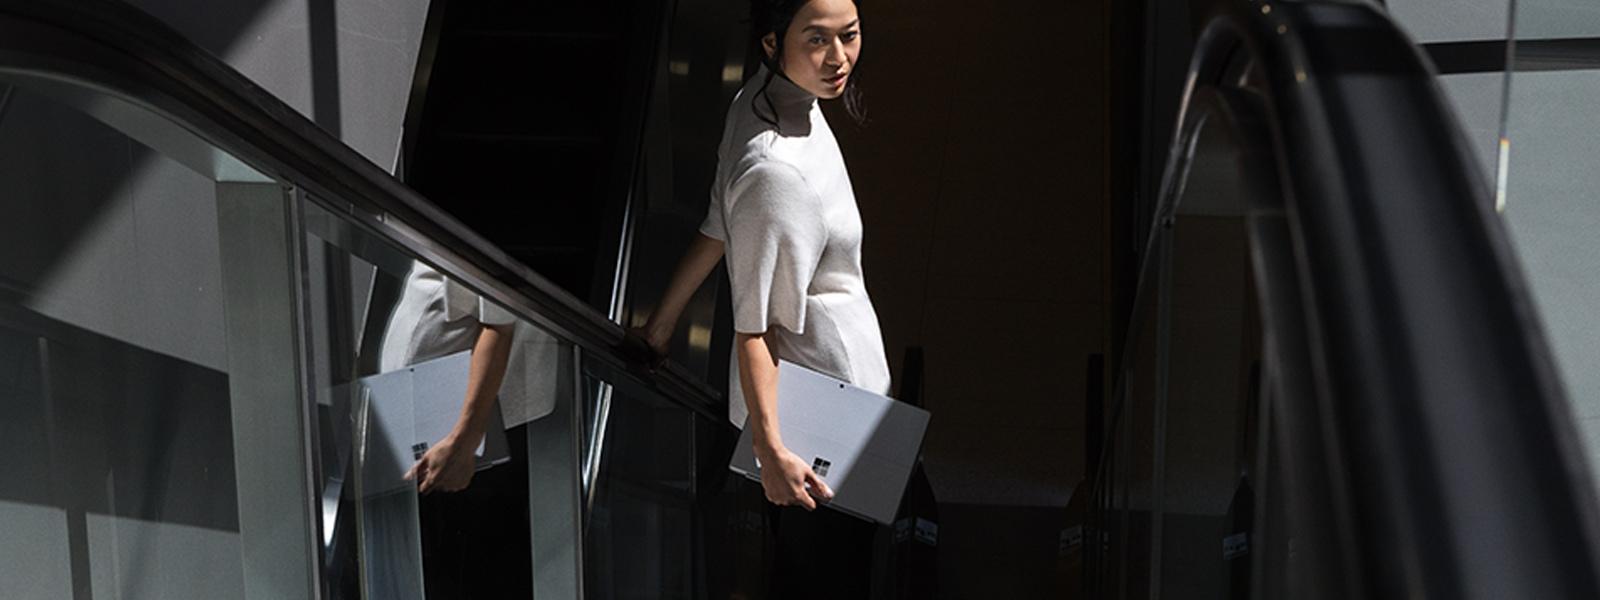 エスカレーターを下りながら Surface Pro を持っている女性。